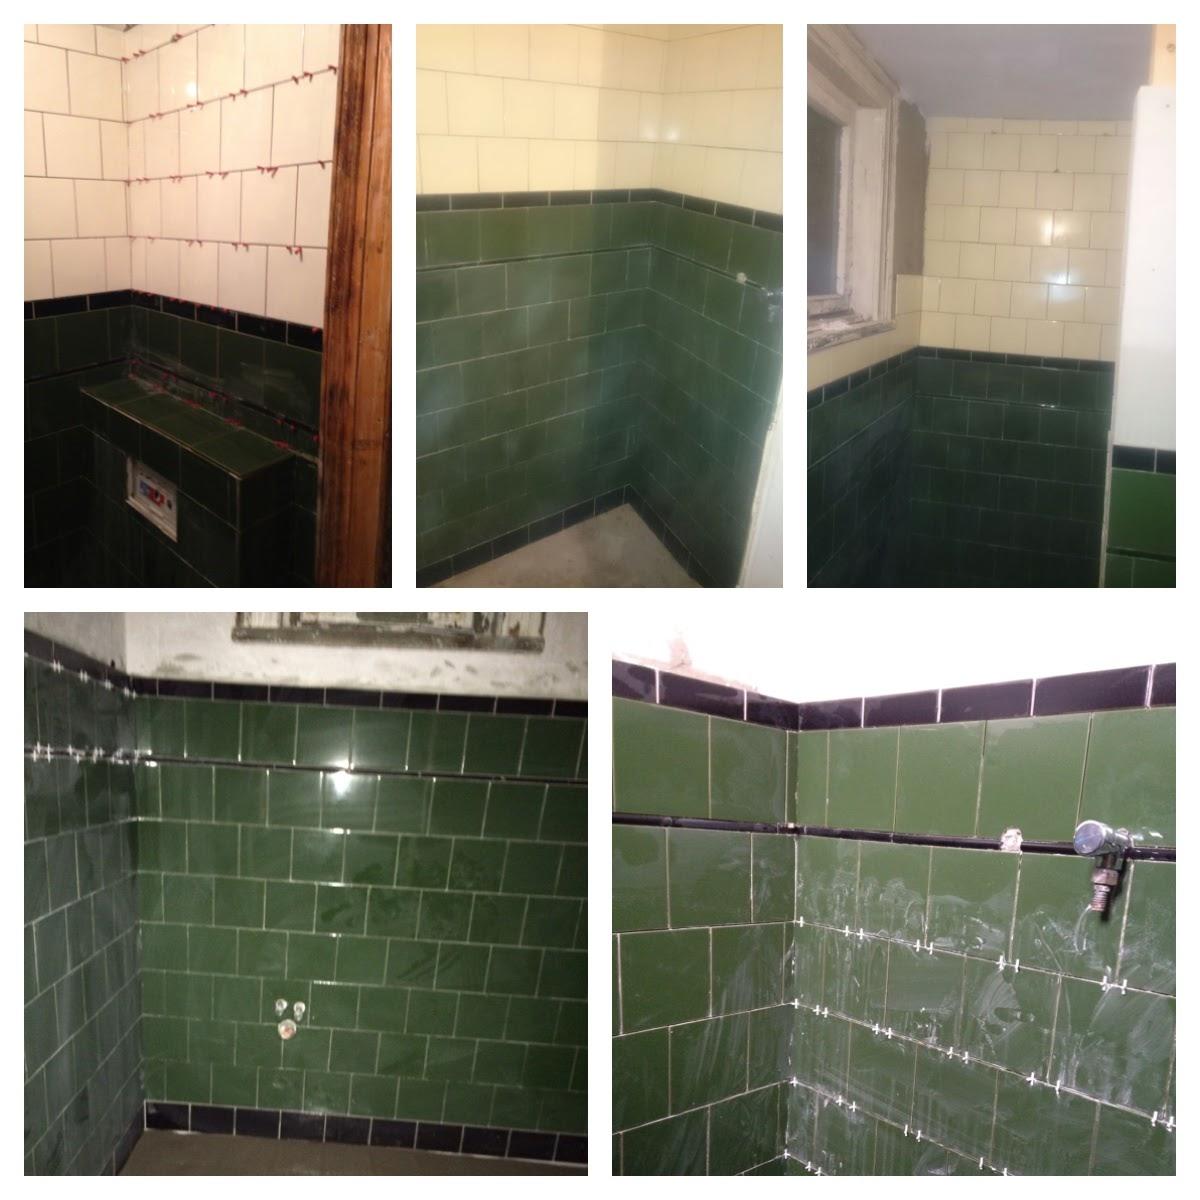 Verwonderend Tegels zoeken en vinden voor de badkamer - Bouwval Gezocht en Gevonden KZ-93